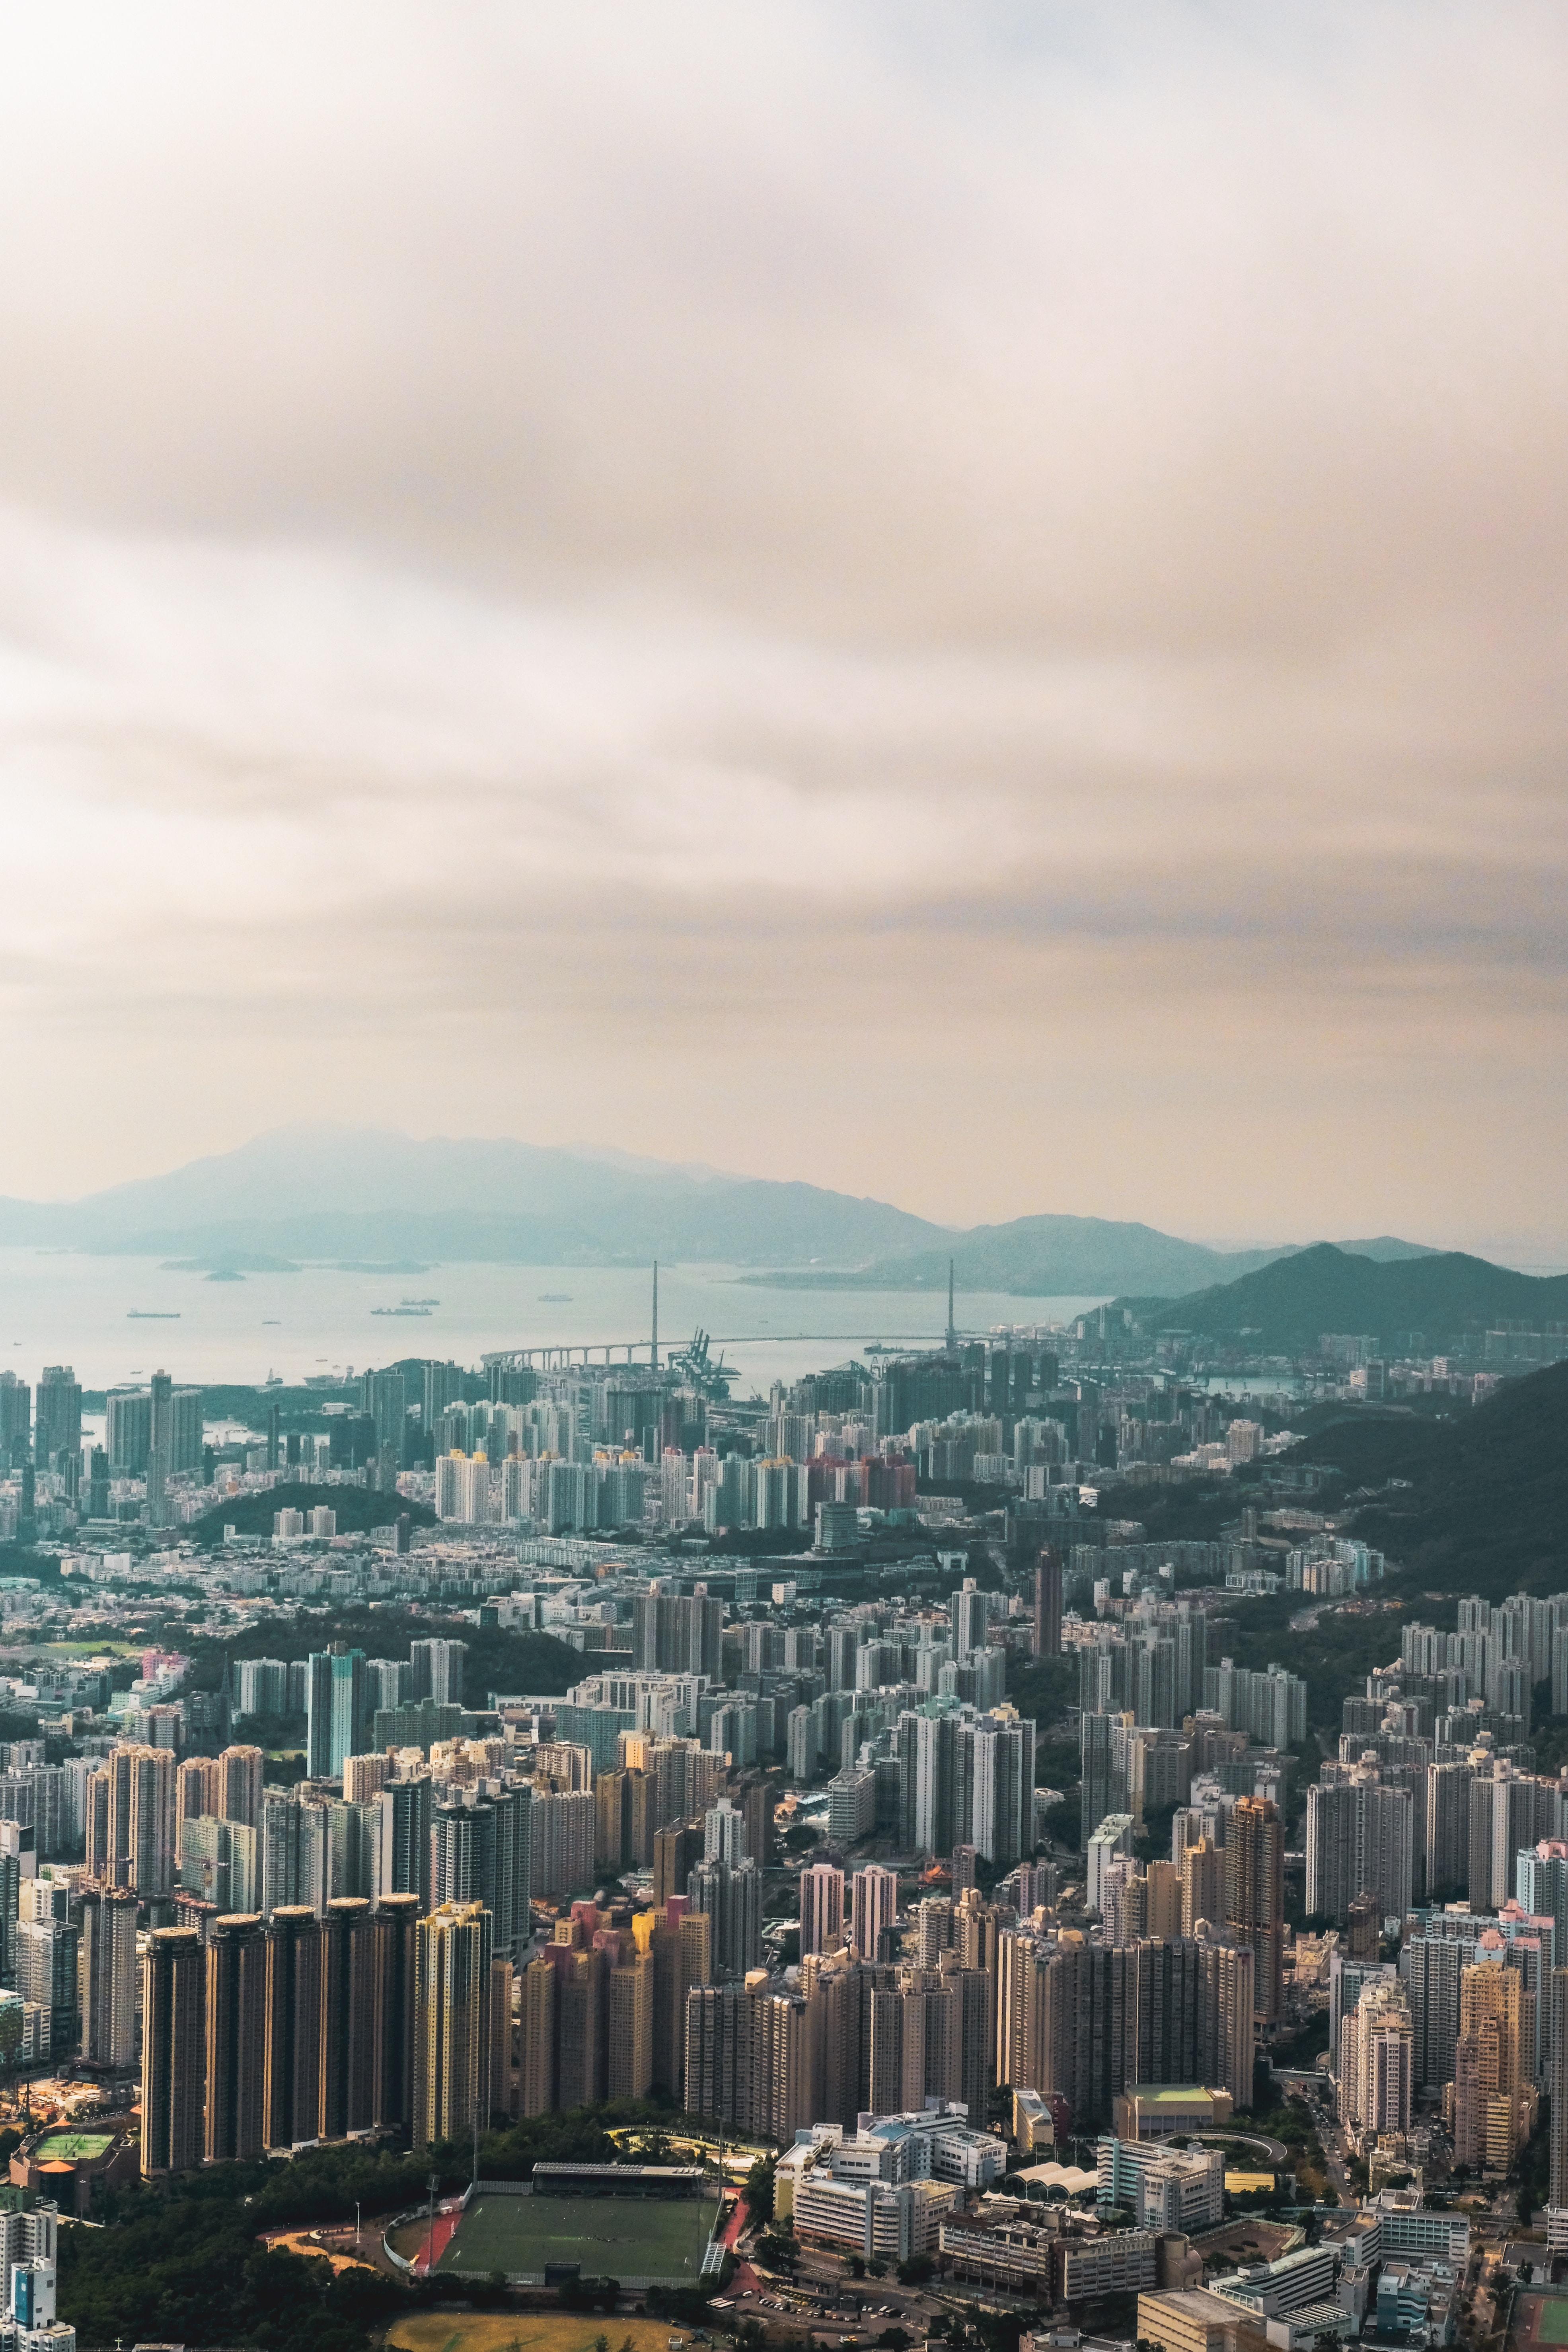 145762壁紙のダウンロード市, 都市, 建物, 上から見る, 香港, アーキテクチャ-スクリーンセーバーと写真を無料で